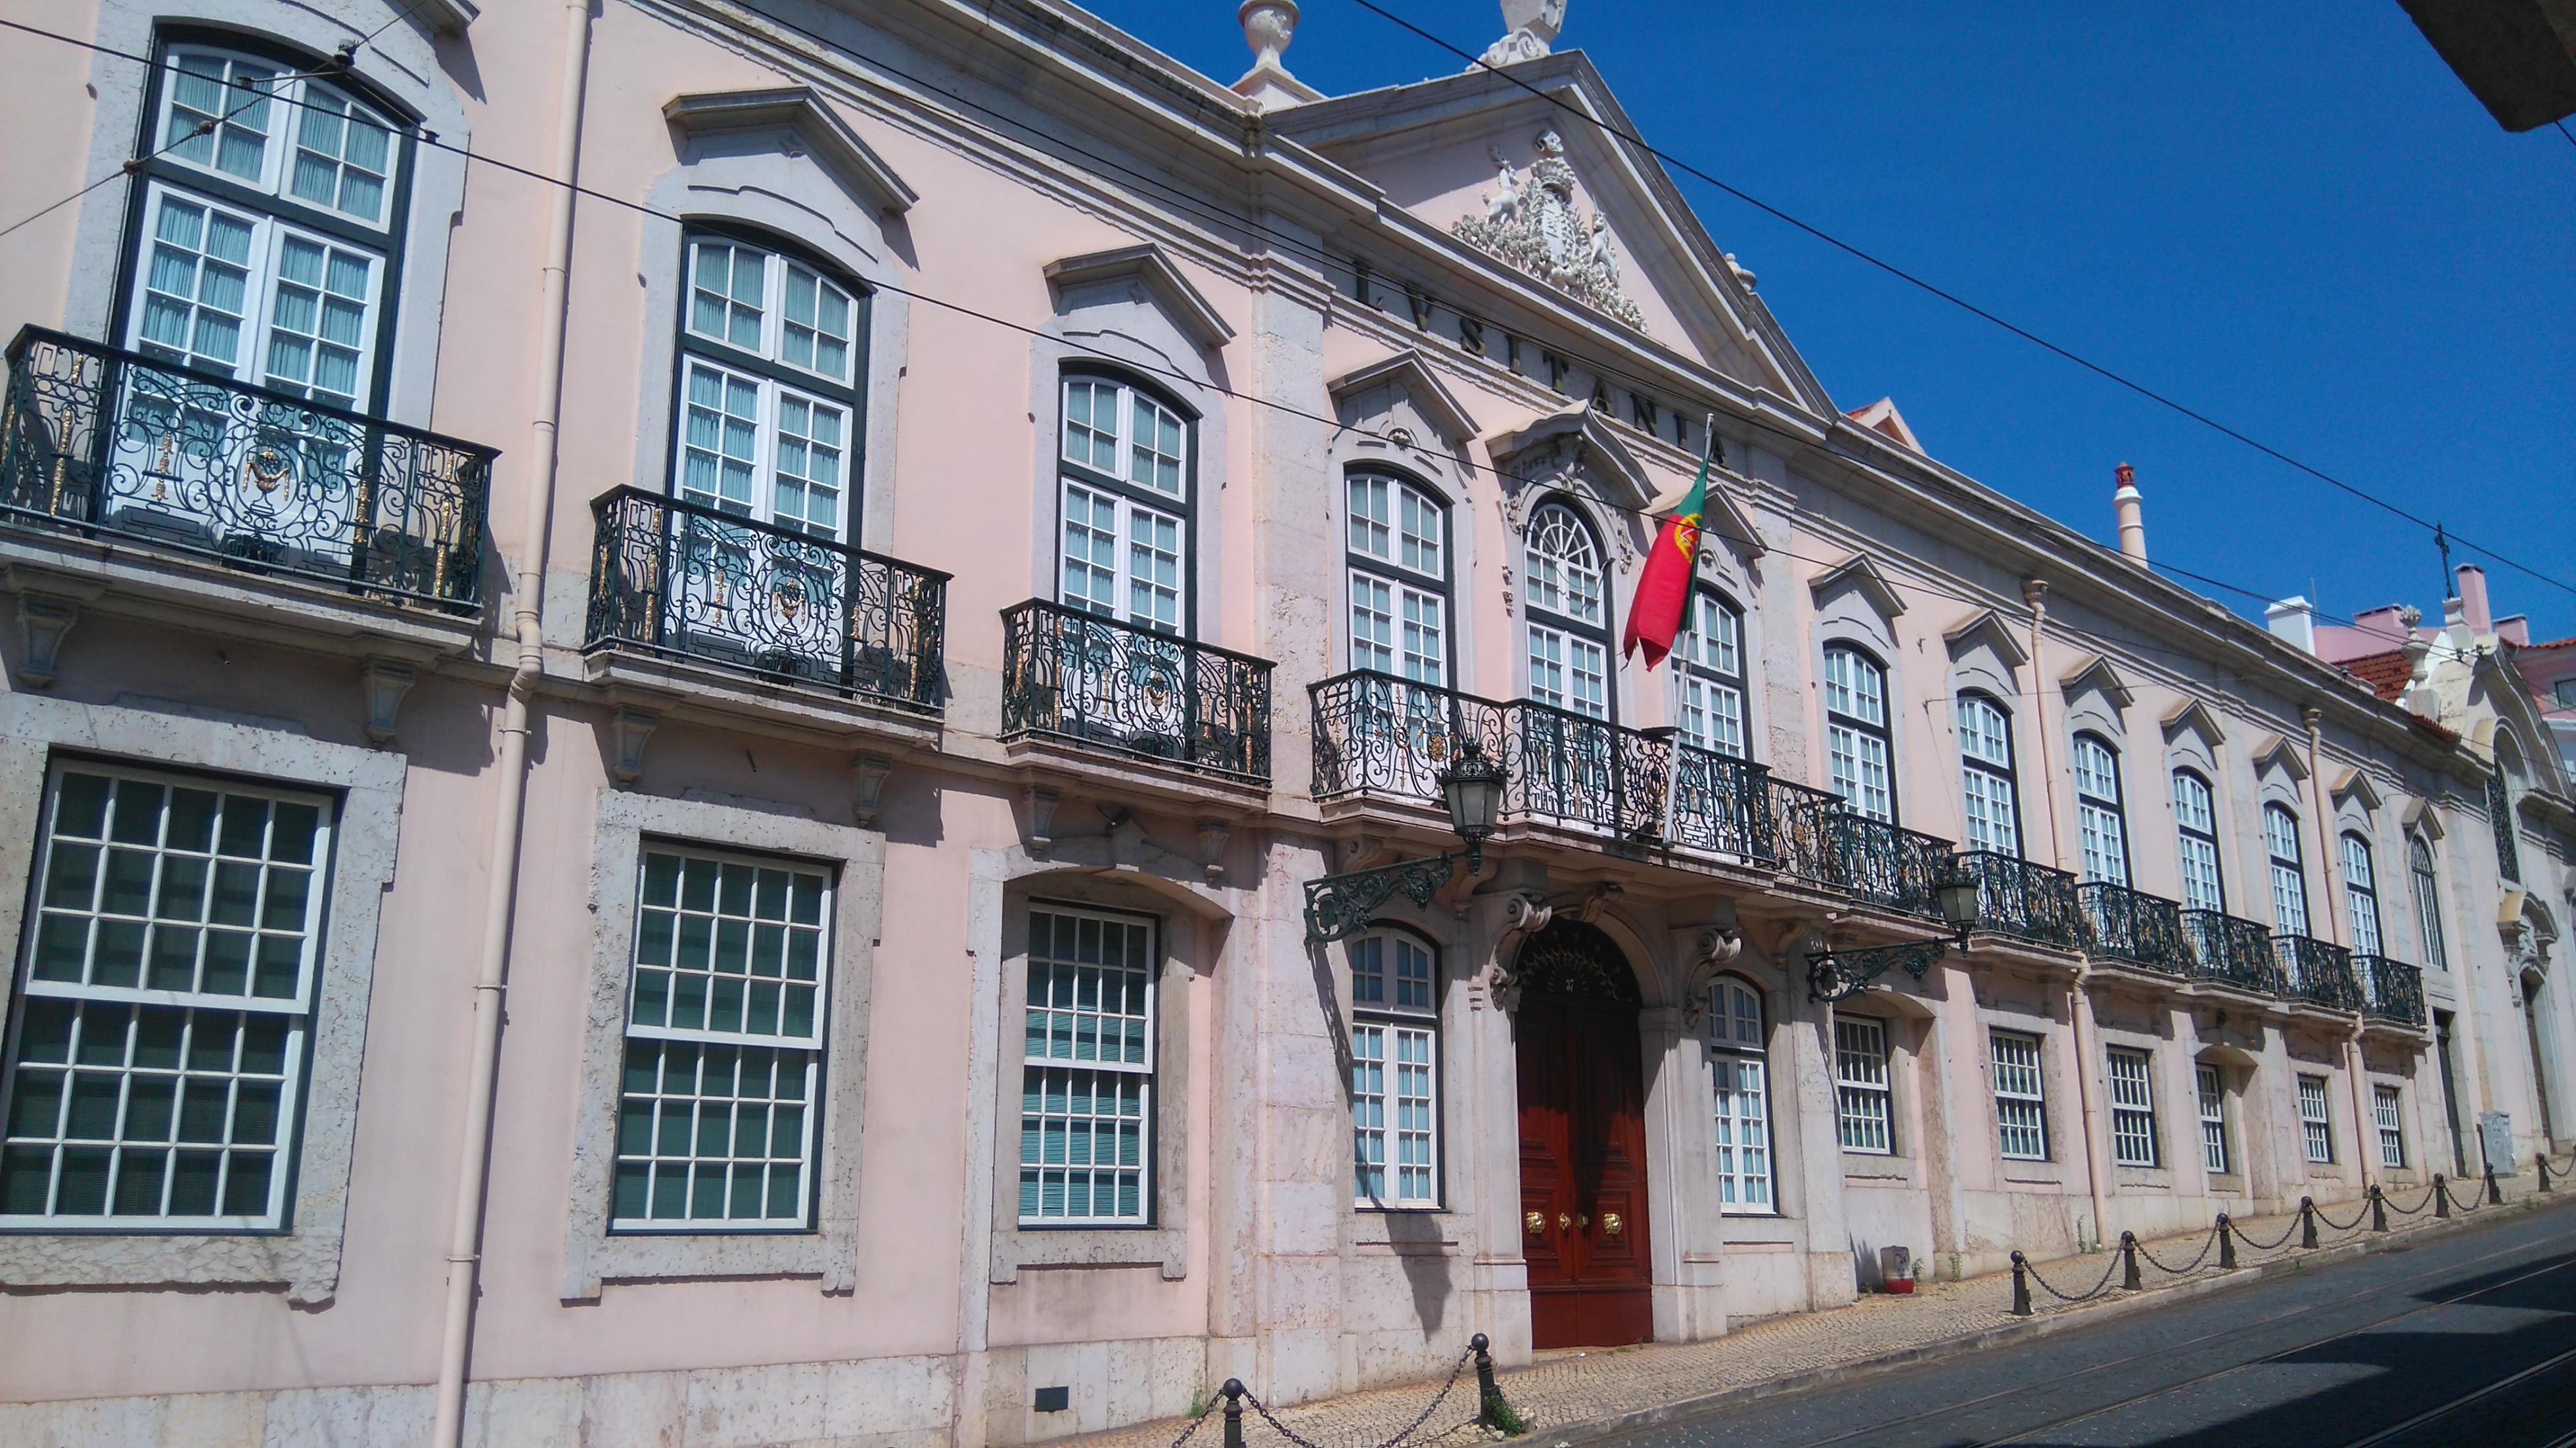 After 55 years, the British Embassy moved its premises from the Palácio de Porto Covo, Rua São Domingos à Lapa, to Rua São Bernardo.